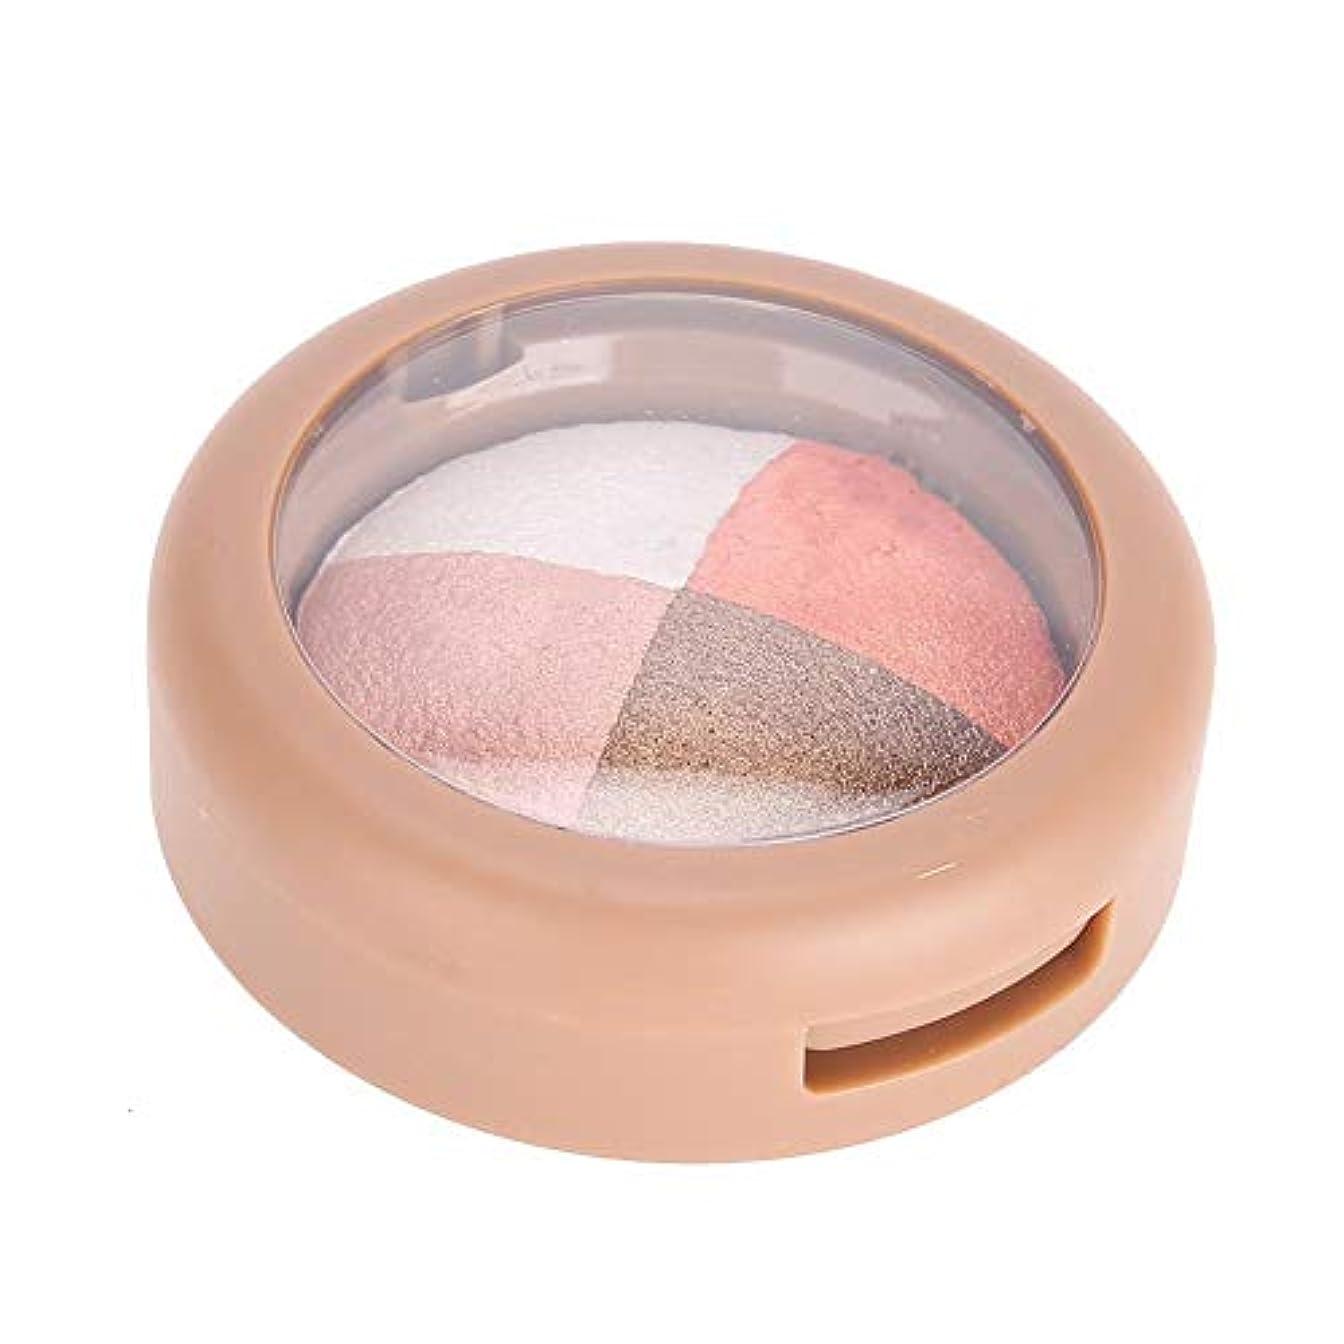 尽きるアクセシブル千アイシャドウパレット 4色 アイシャドウ高度に着色された目メイク長期的な防水アイシャドウパウダー化粧品(4#)